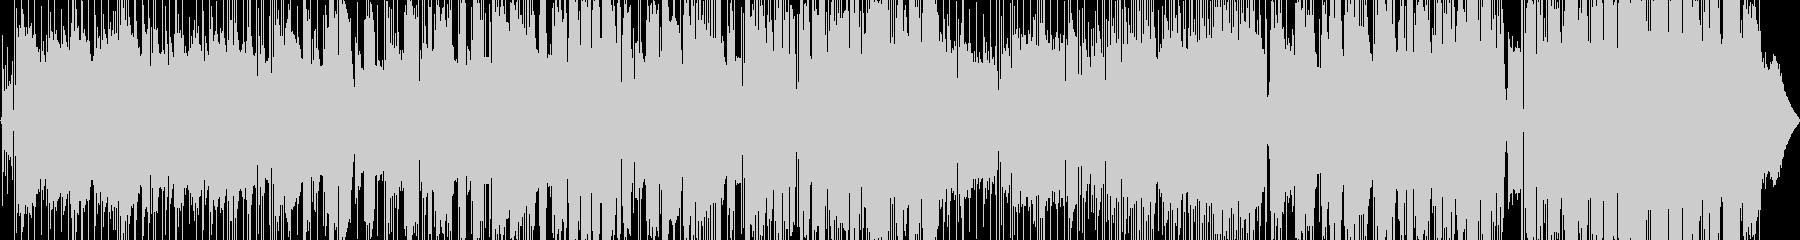 Jazzyなブルースバラード(日米録音)の未再生の波形